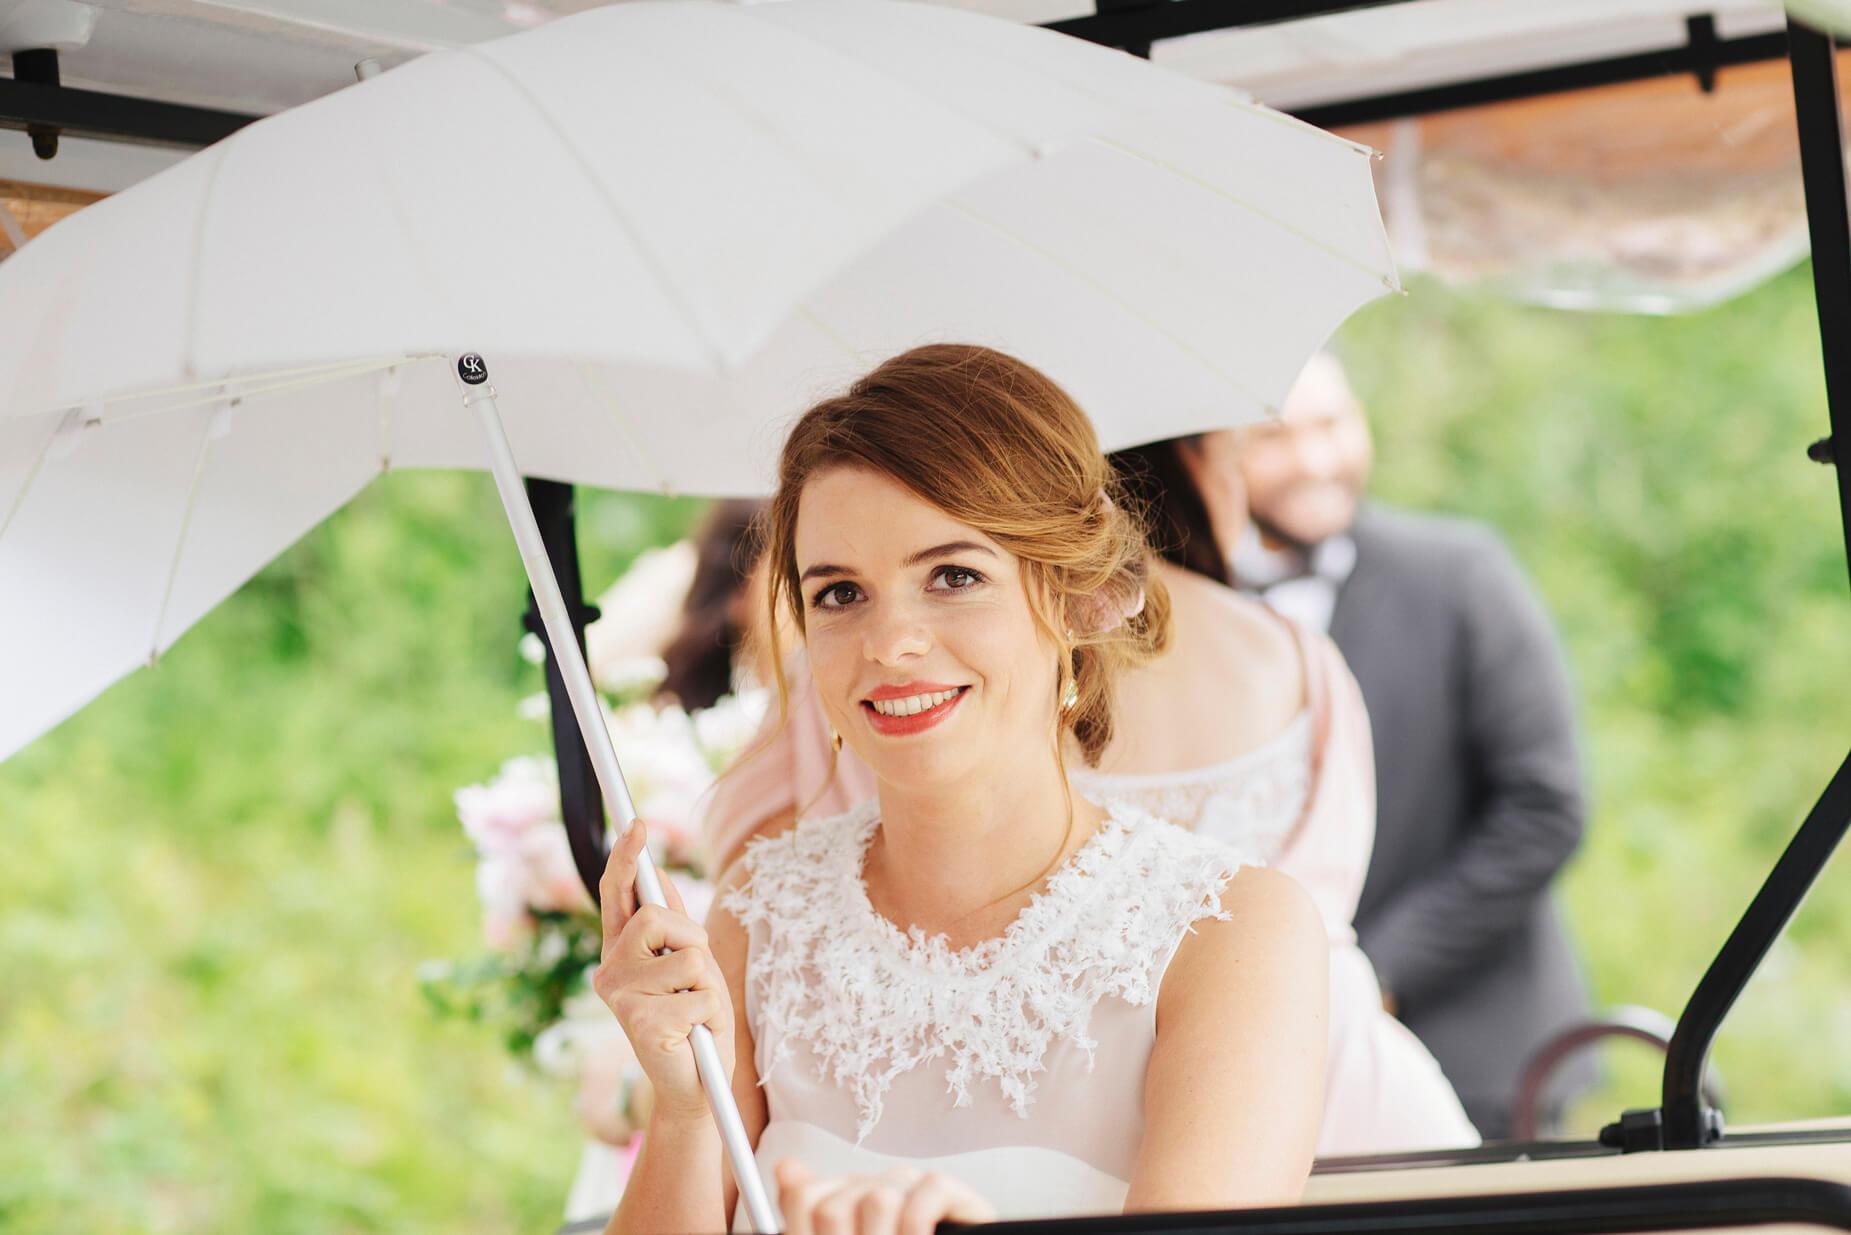 you-me-us_wedding-and-family-photography_hochzeitsreportage-hamburg_isabelle-niki_041